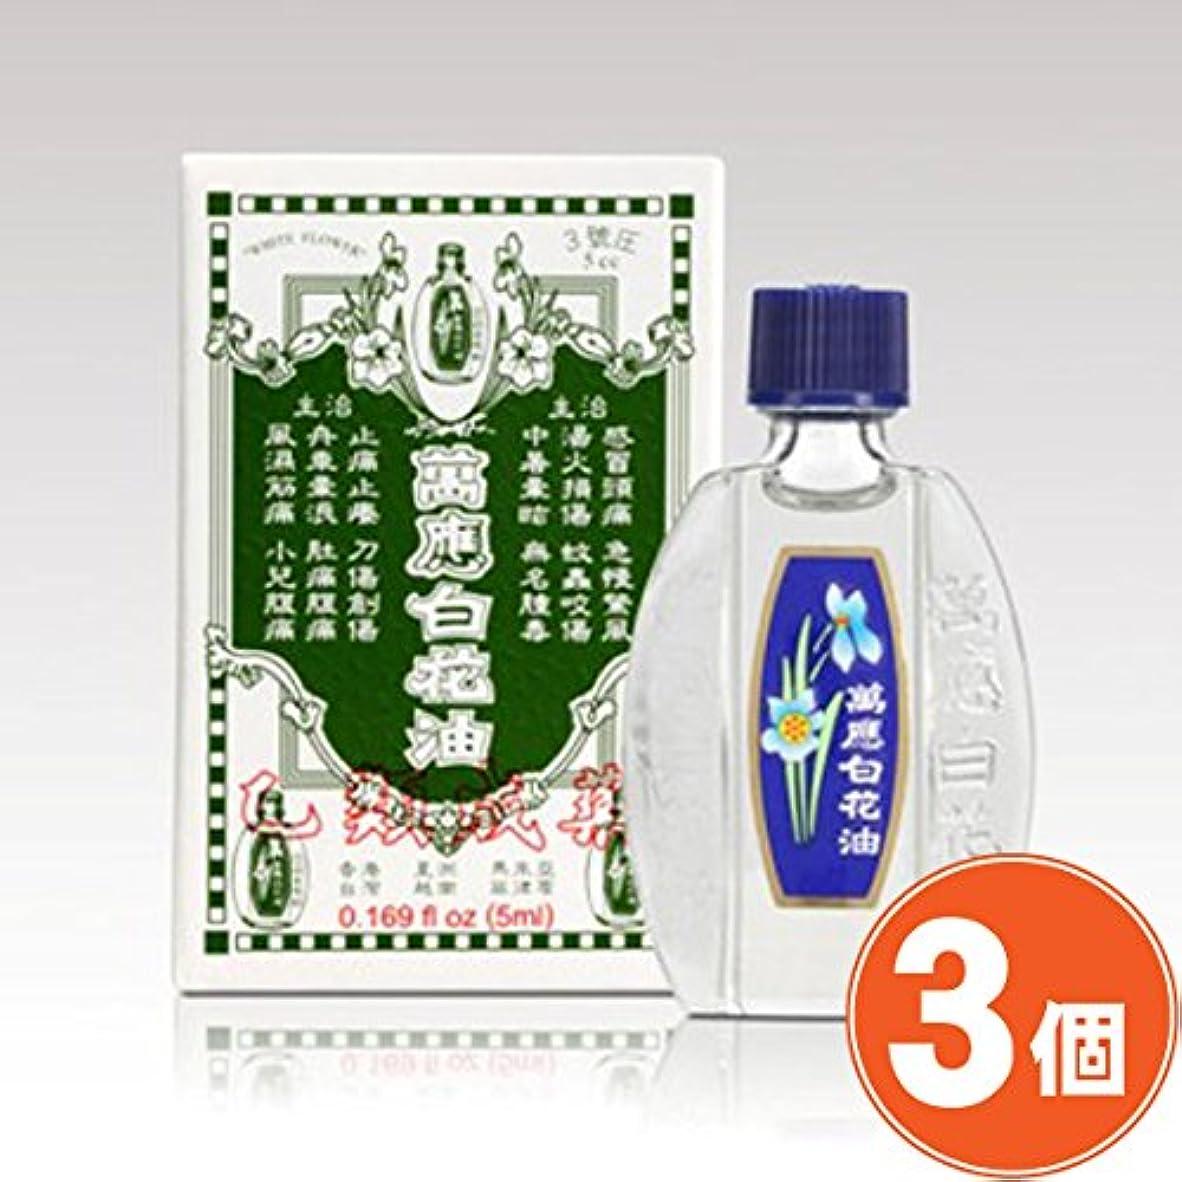 眉可動式望まない《萬應白花油》 台湾の万能アロマオイル 万能白花油 5ml × 3個 《台湾 お土産》 [並行輸入品]